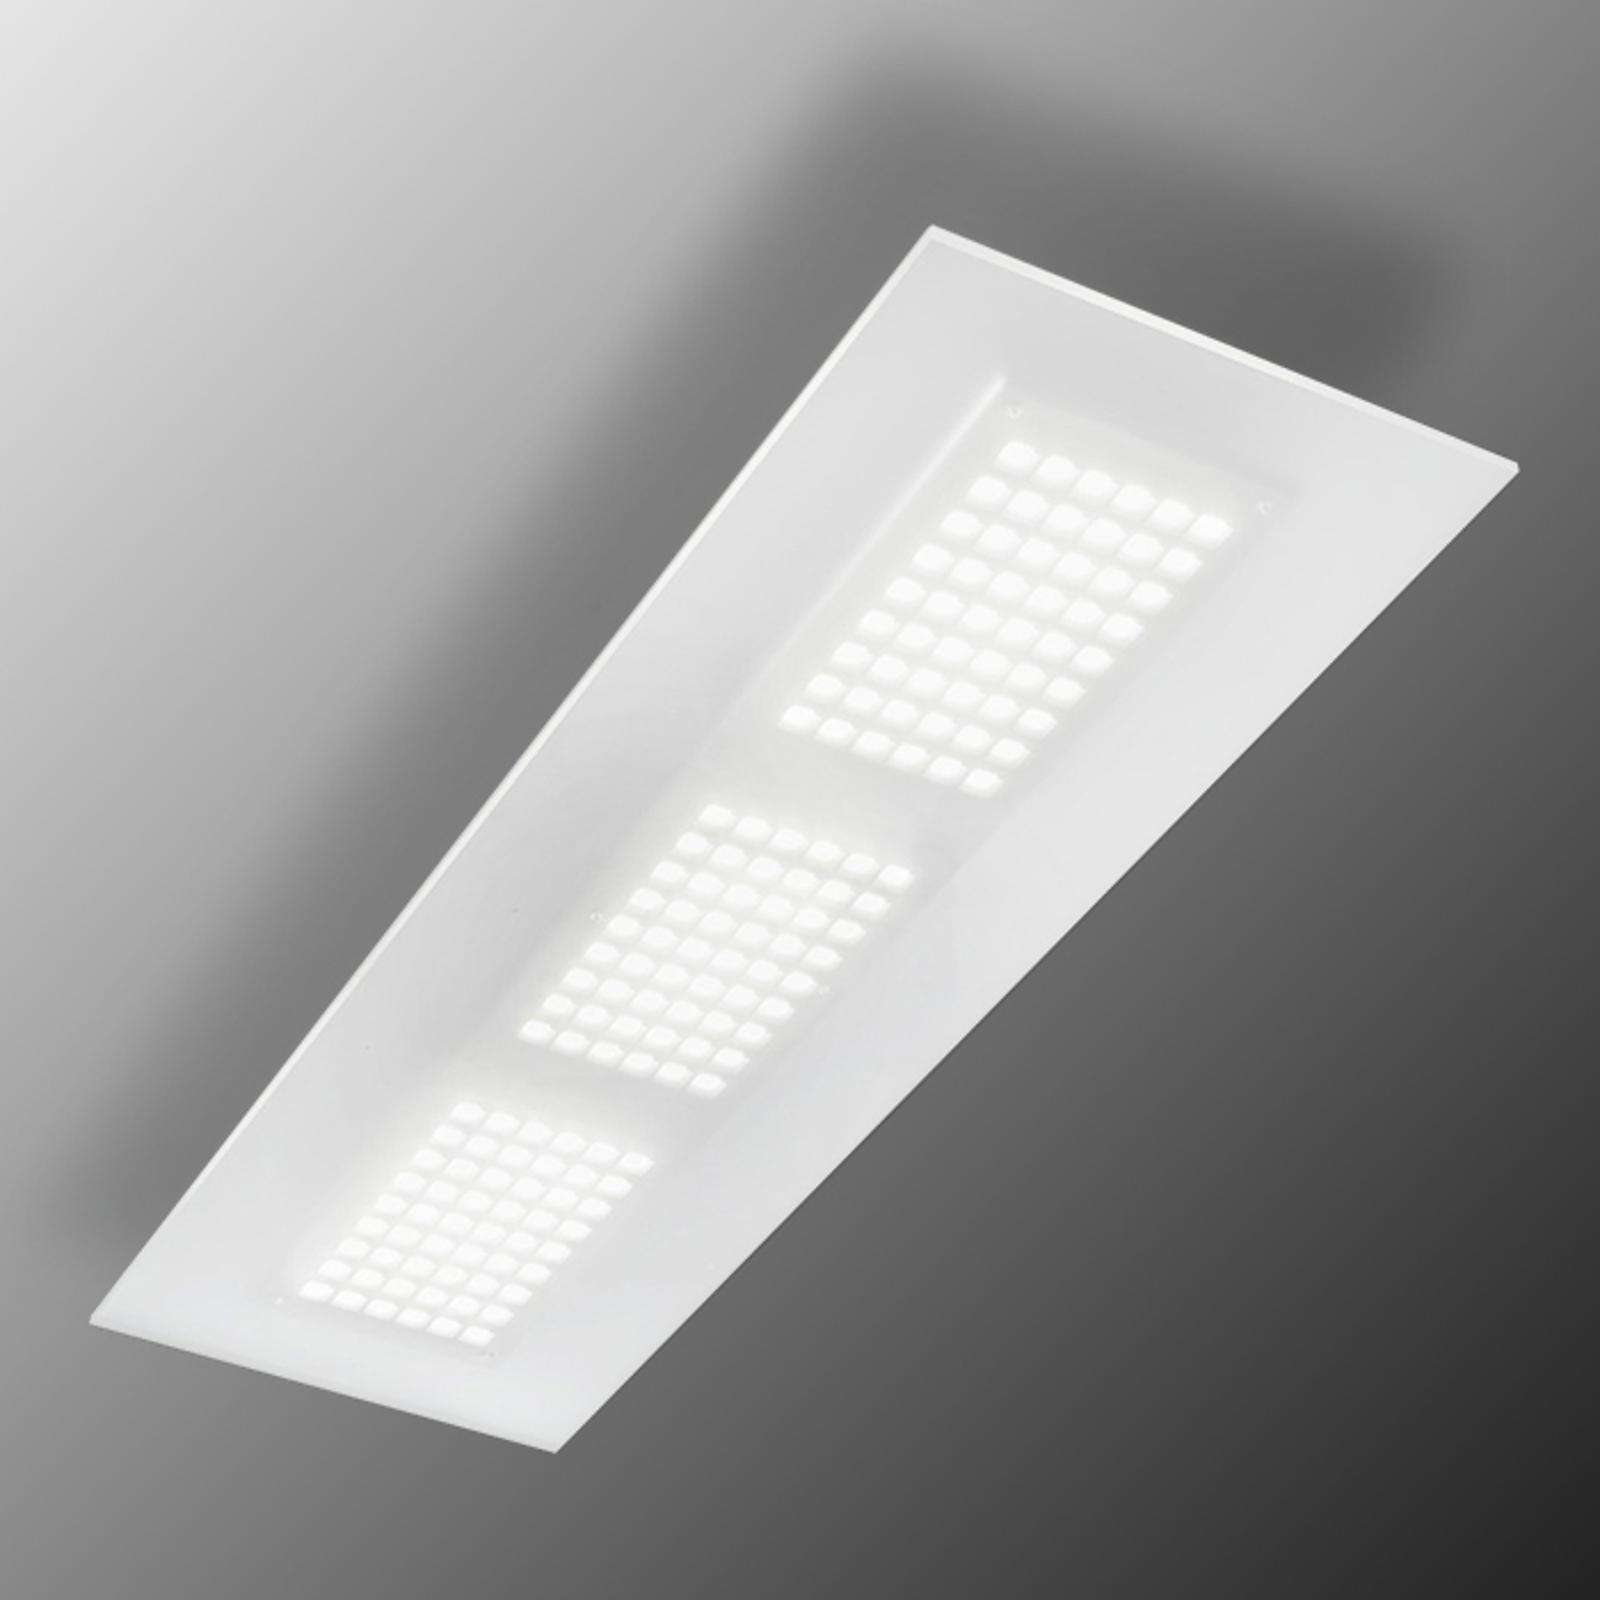 Lampa sufitowa LED DUBLIGHT z mocnym światłem